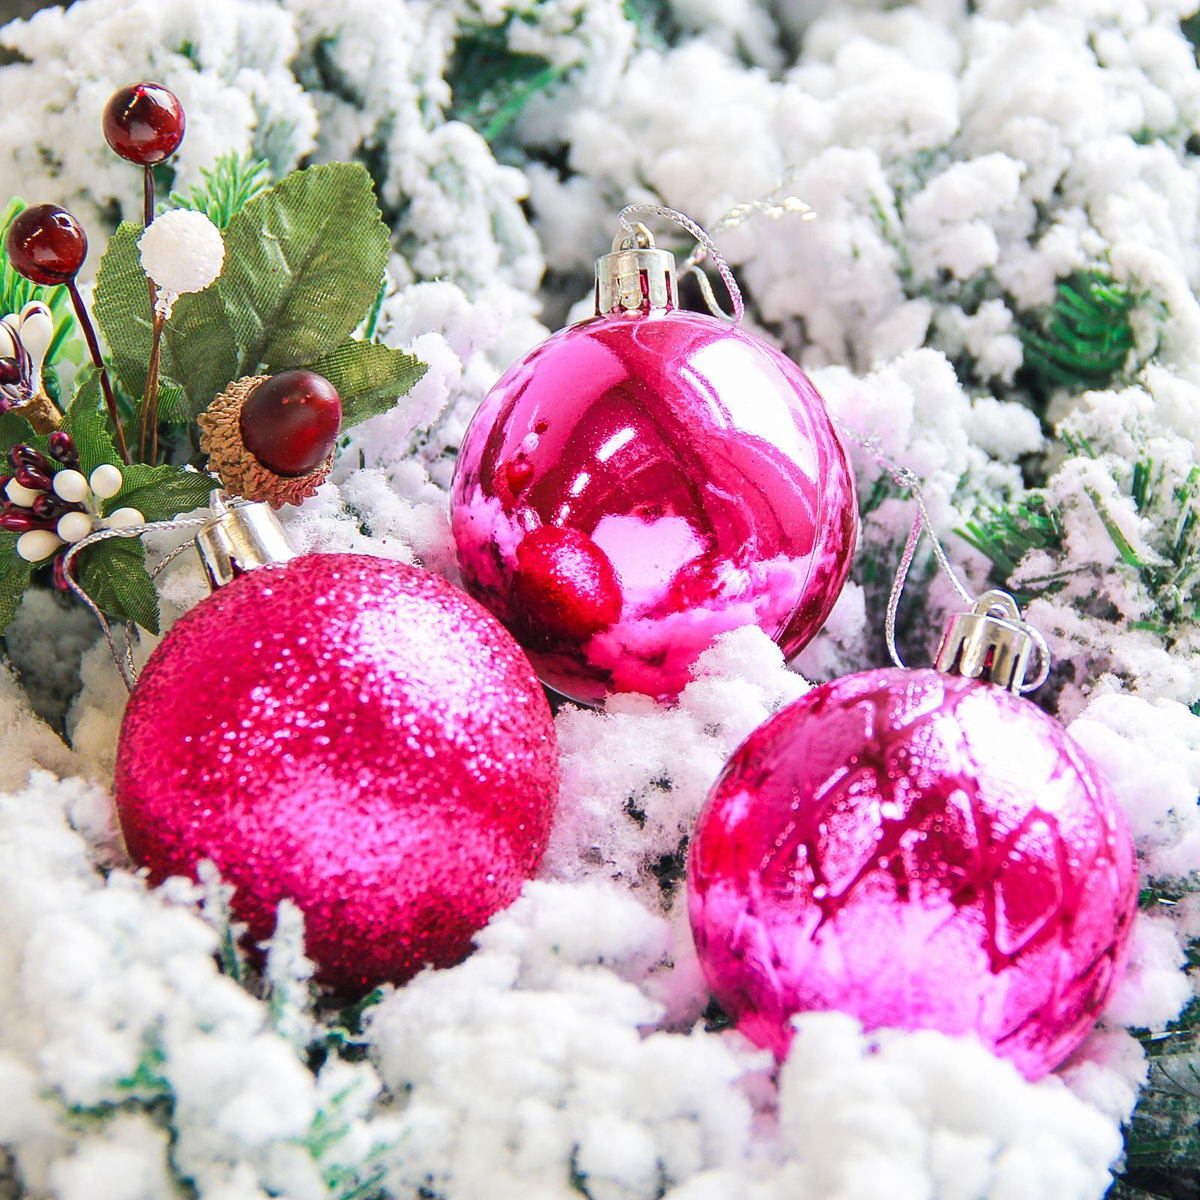 """Новогодние украшения """"Sima-land"""" изготовлены из пластика. Изделия имеют плотный корпус, поэтому не разобьются при падении.Невозможно представить нашу жизнь без праздников! Новогодние украшения несут в себе волшебство и красоту праздника. Создайте в своем доме атмосферу тепла, веселья и радости, украшая его всей семьей.В наборе 6 штук."""